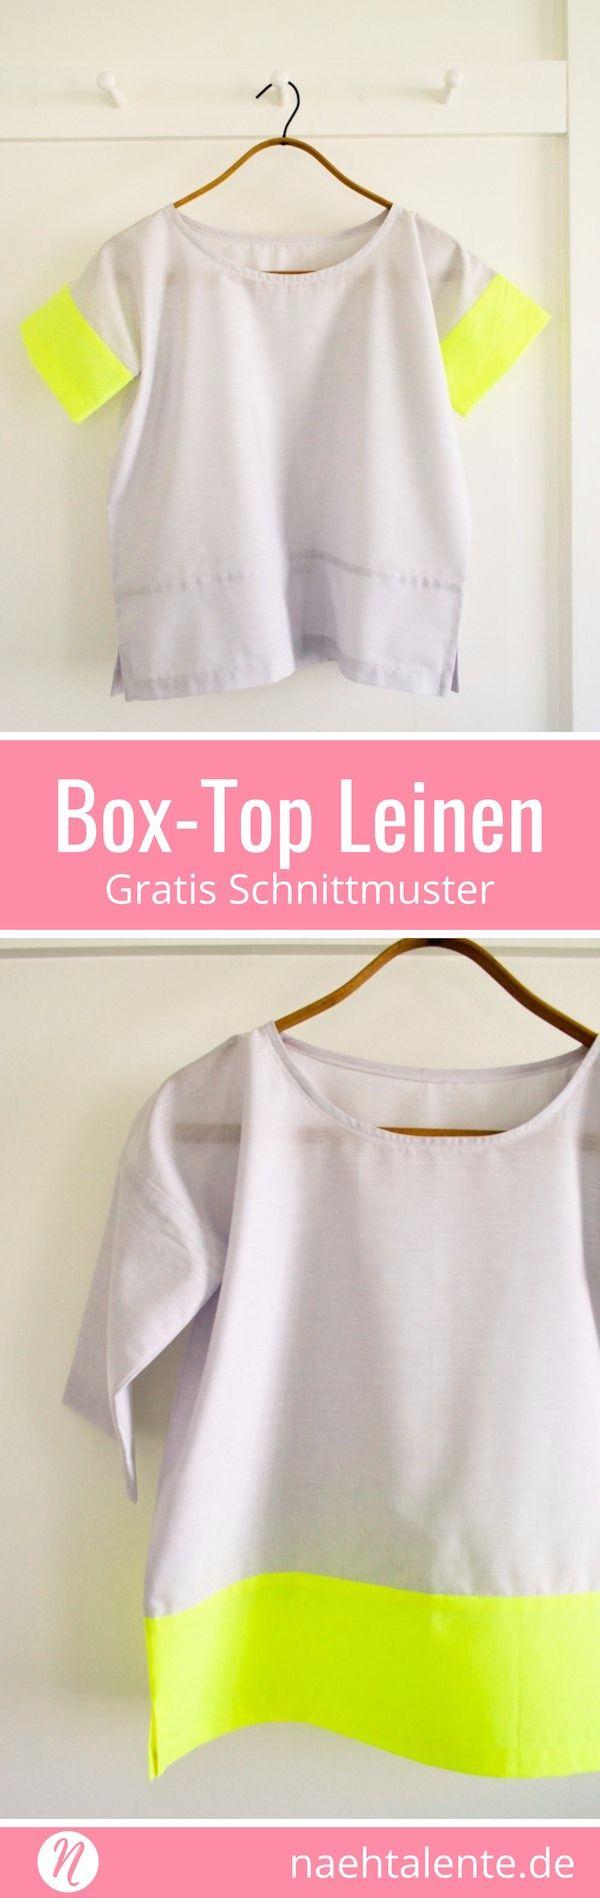 Einfaches Box Top für Damen - Leinenoberteil selber nähen | Nähtalente